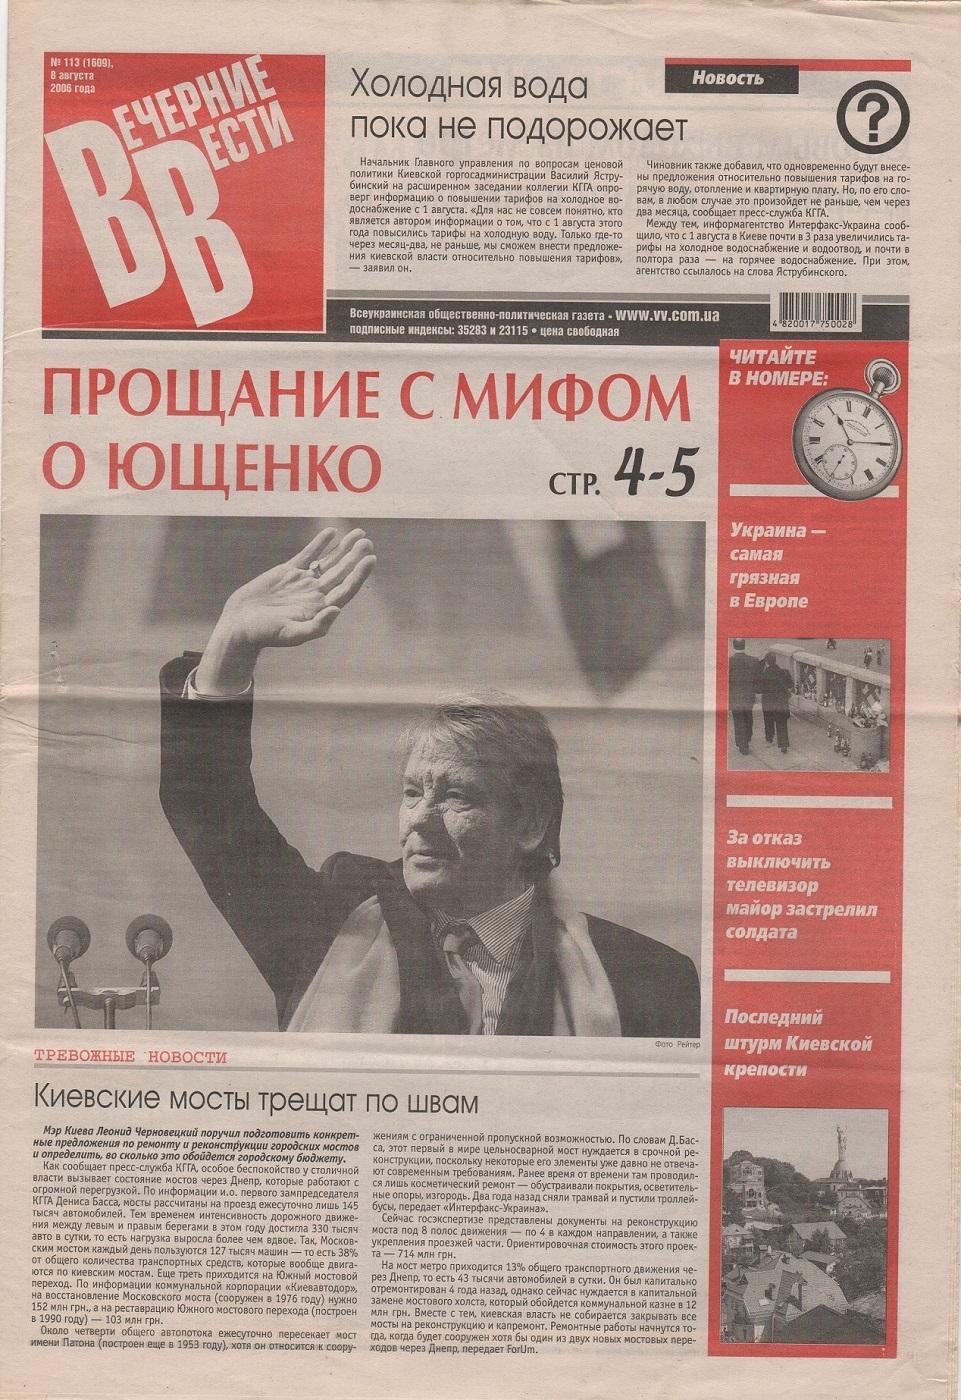 """Газети. Газета """"Вечерние вести"""" № 113 (1609) від 4 серпня 2006 року"""